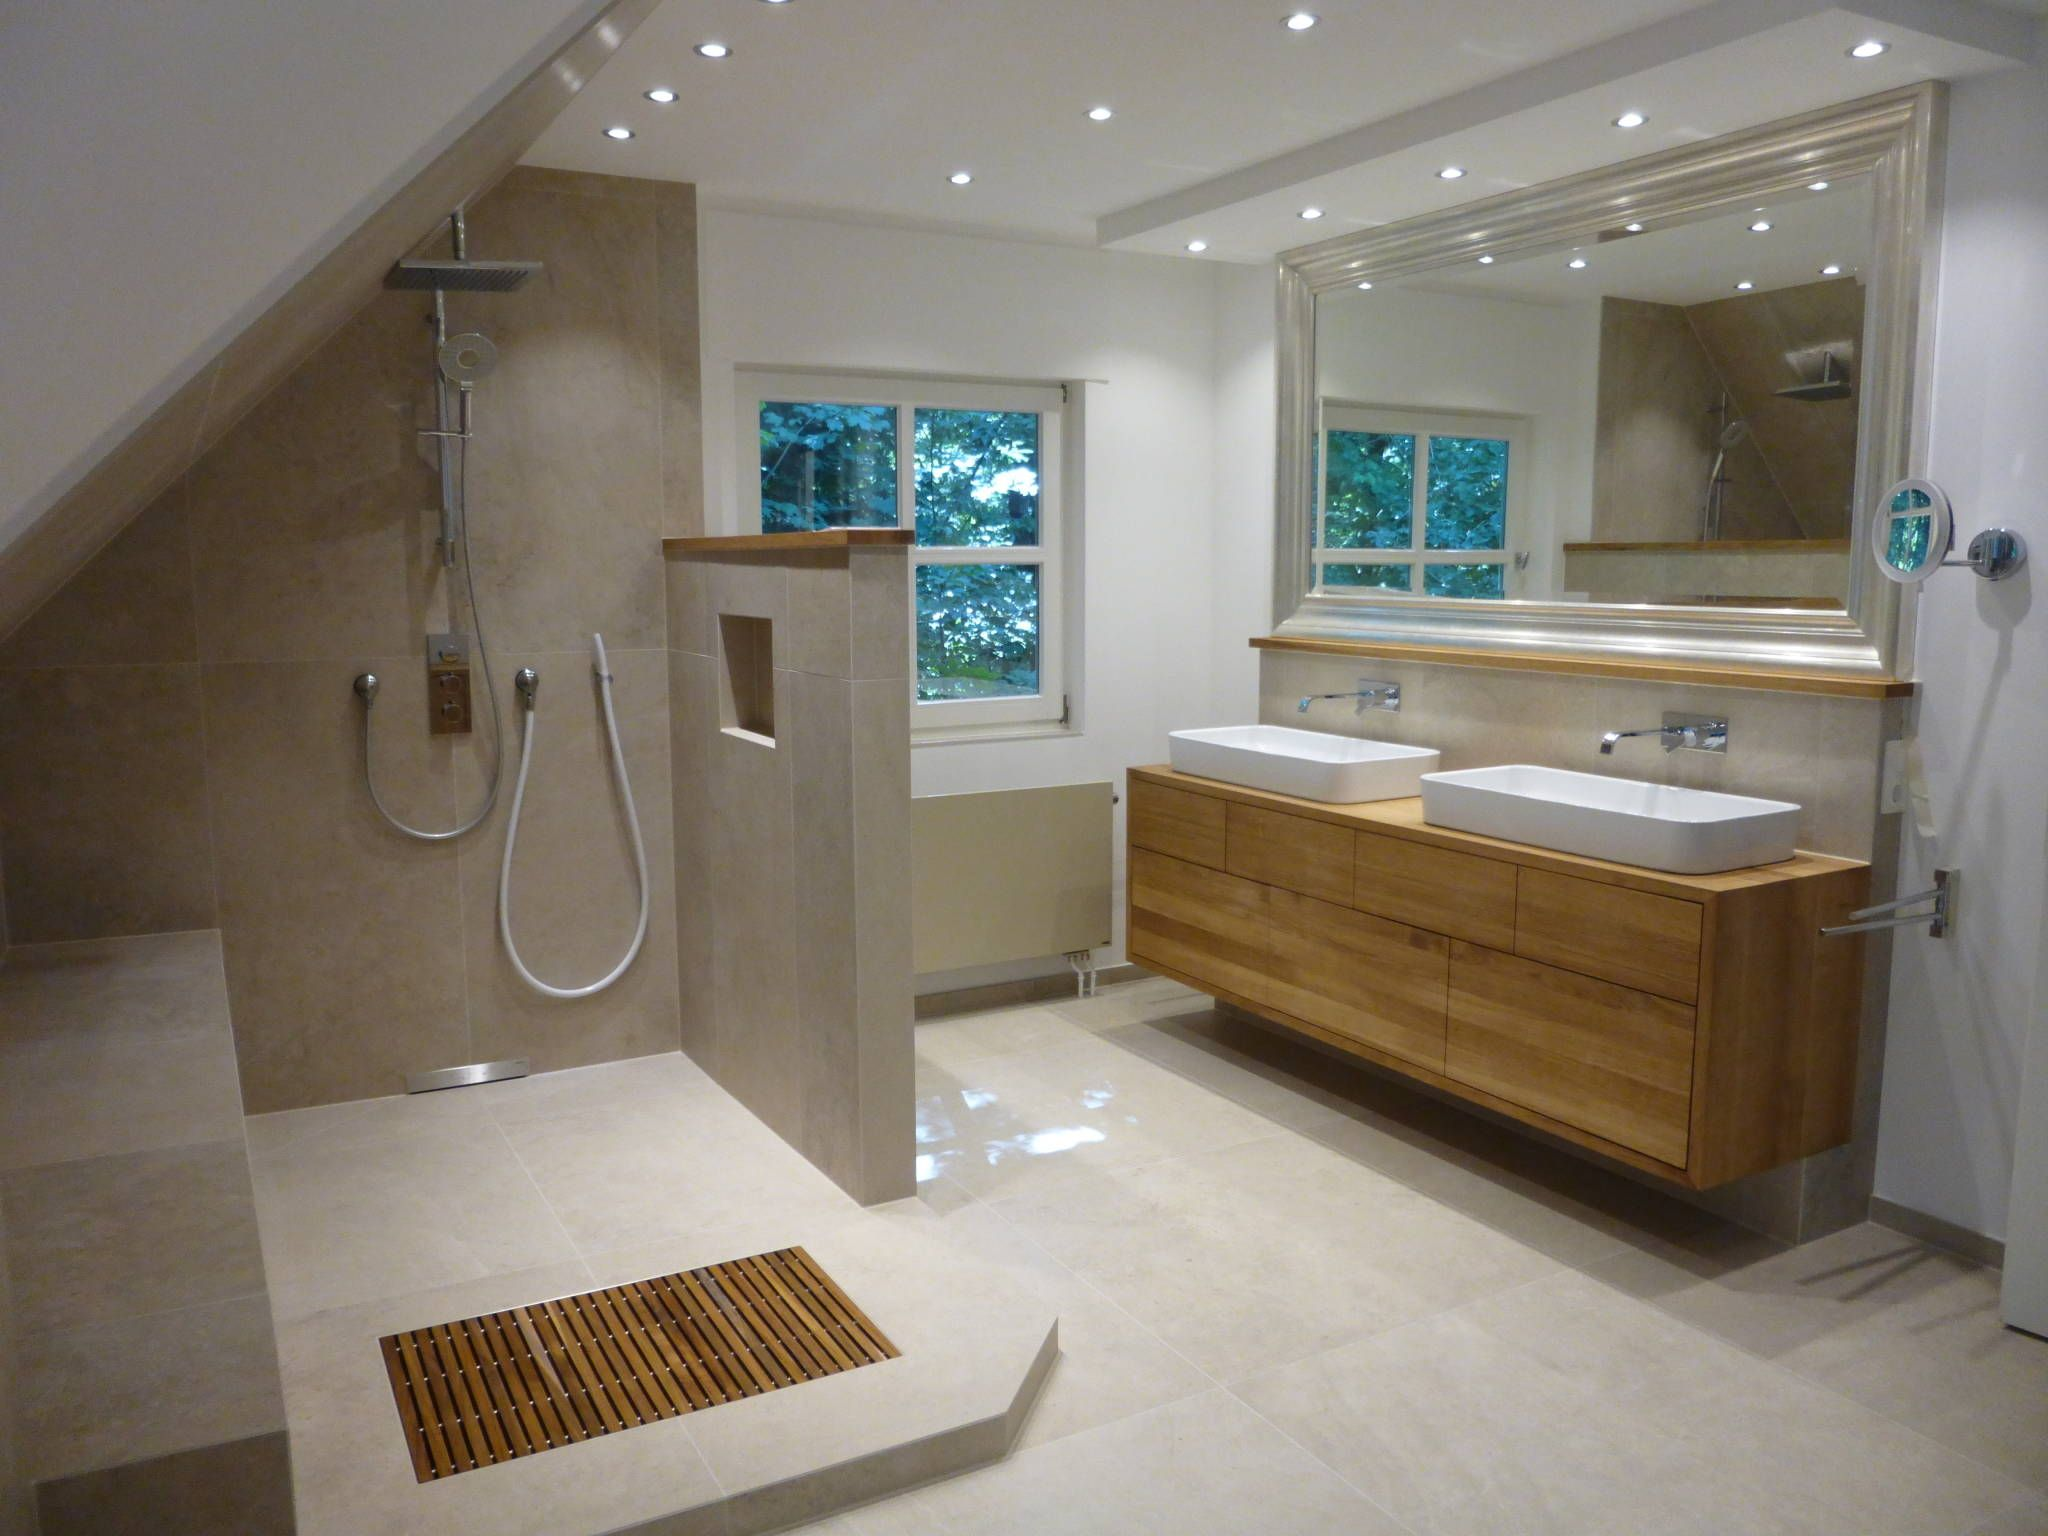 Haus badezimmer design wohnideen interior design einrichtungsideen u bilder  future